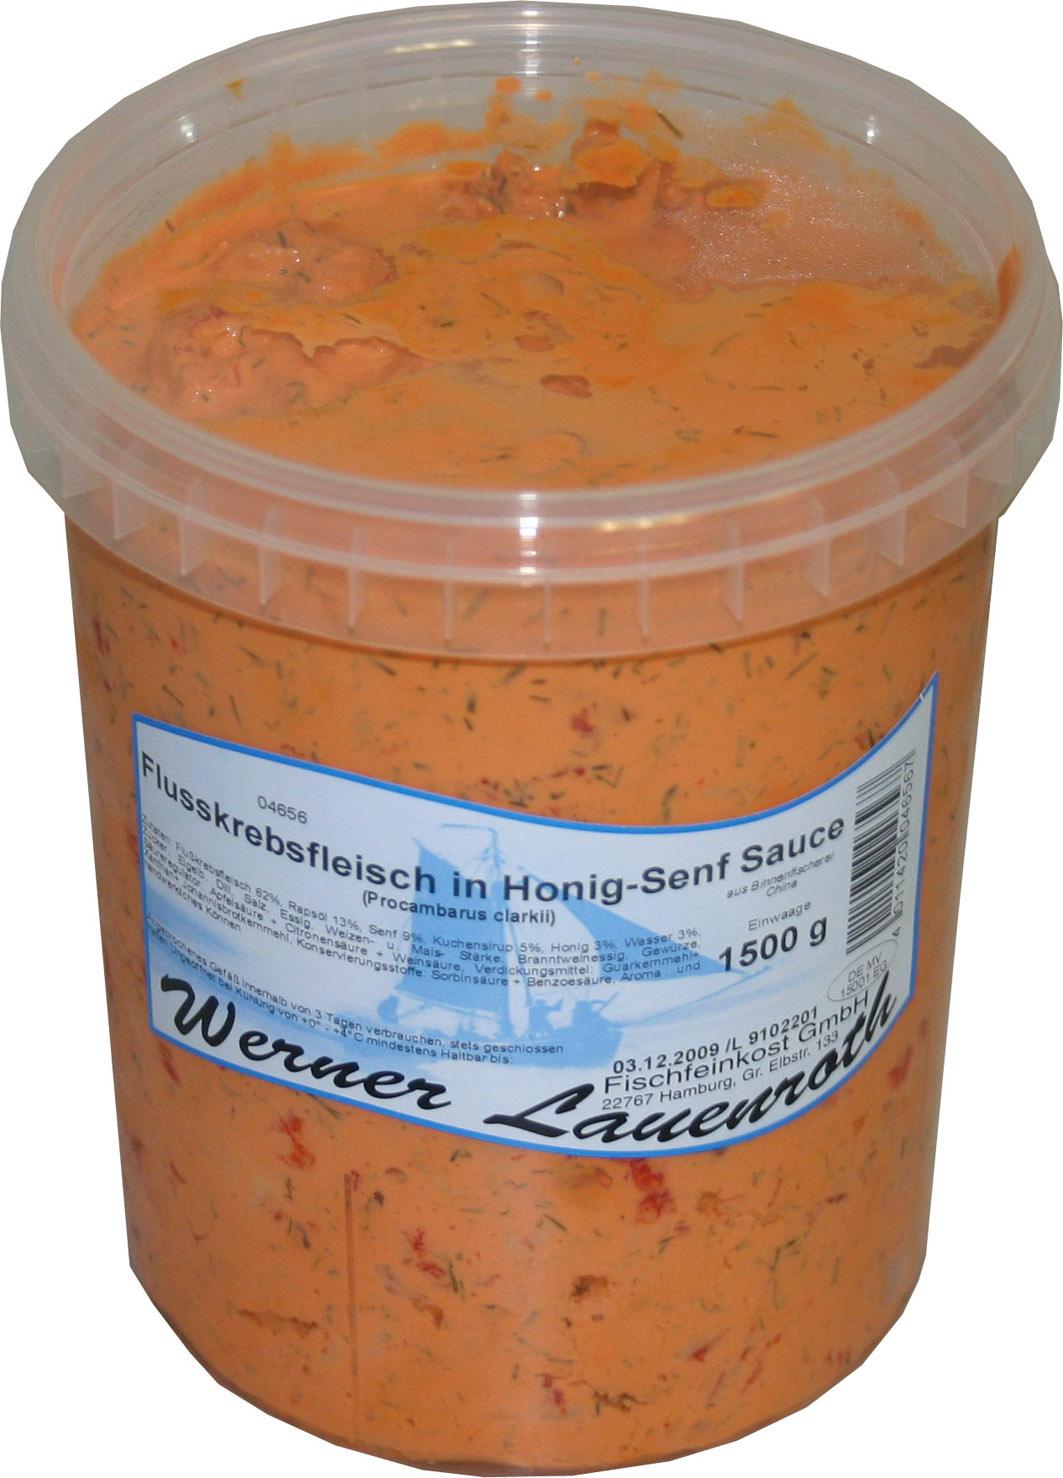 Flusskrebsfleisch Kaufen